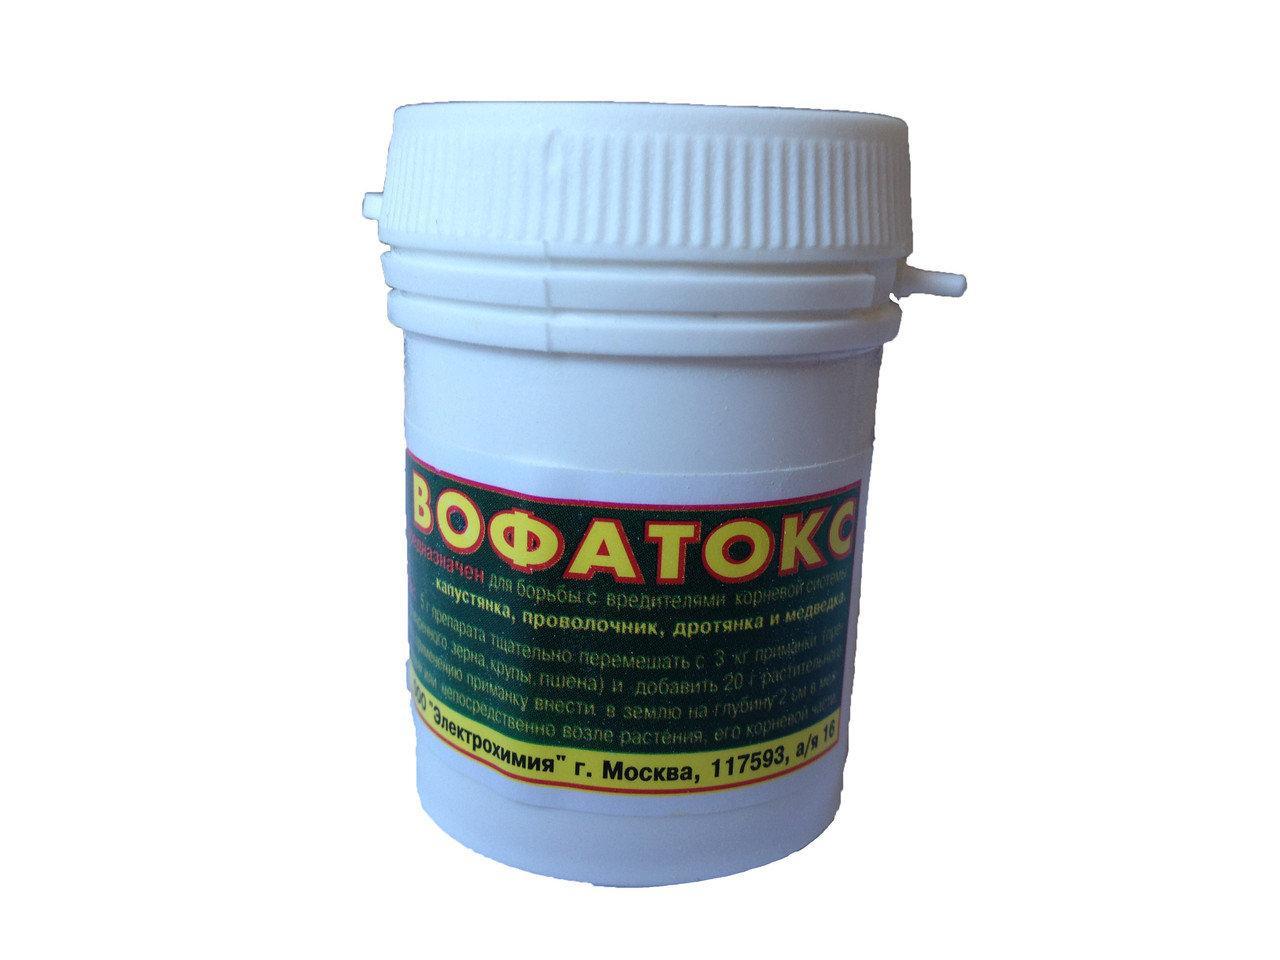 Инсектицид контактно-кишечного действия Вофатокс 20 г, Россия